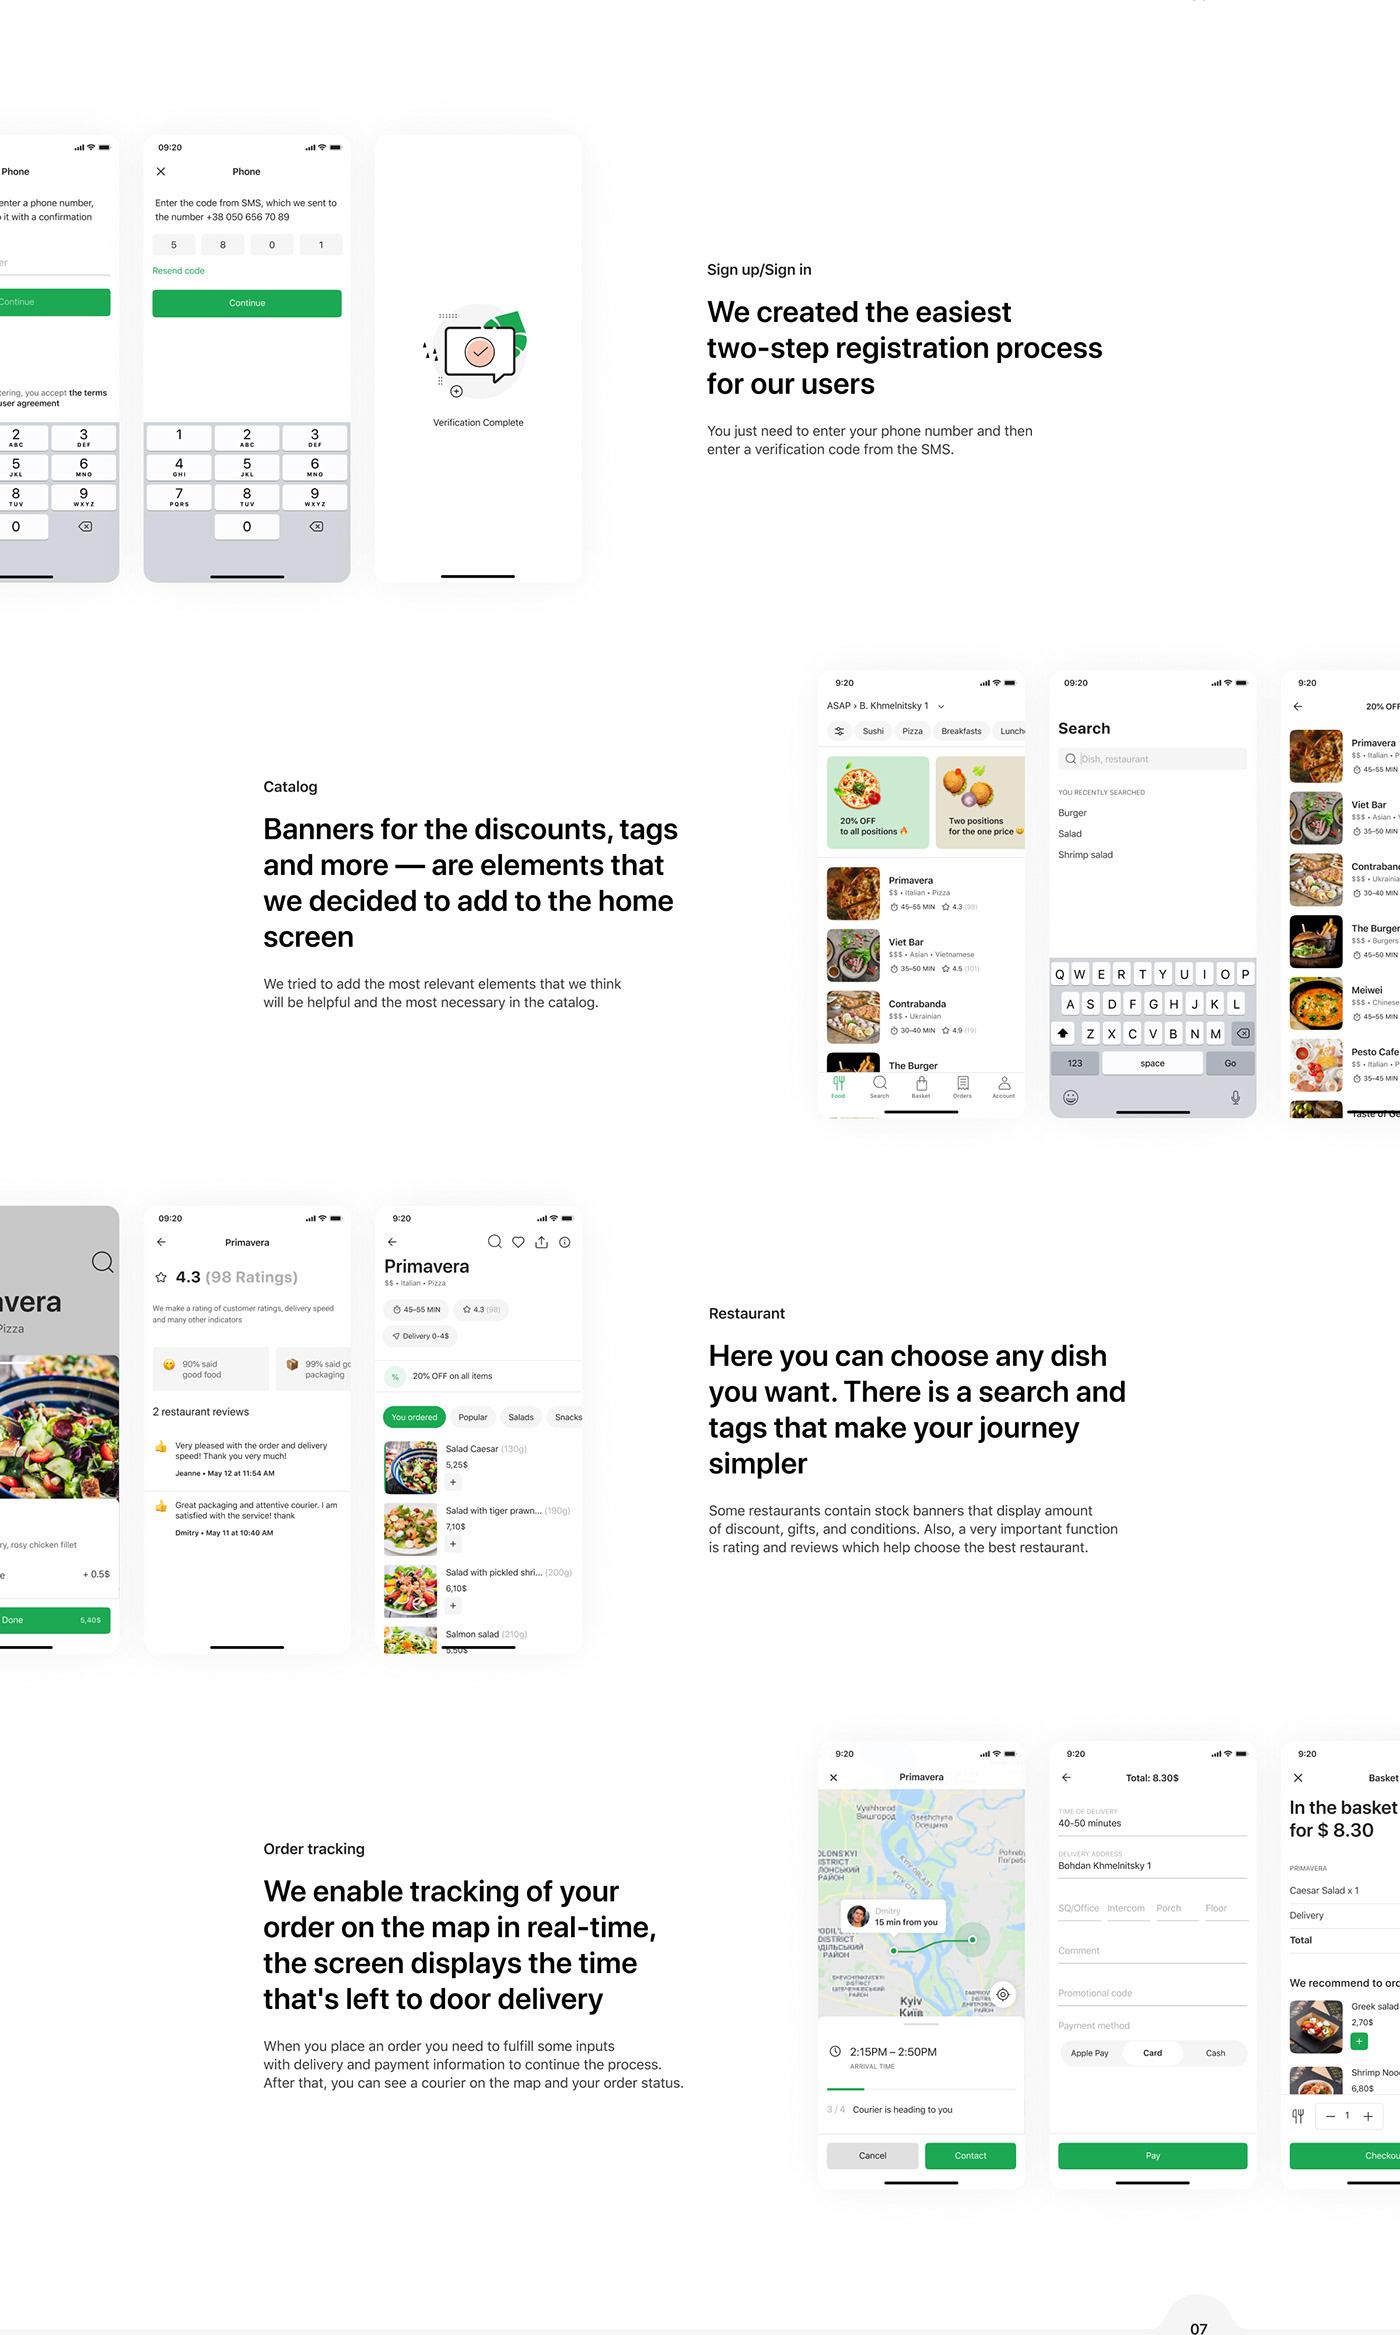 aggregator app catalog CJM delivery app Food  Mobile Application scheme sign up user flow